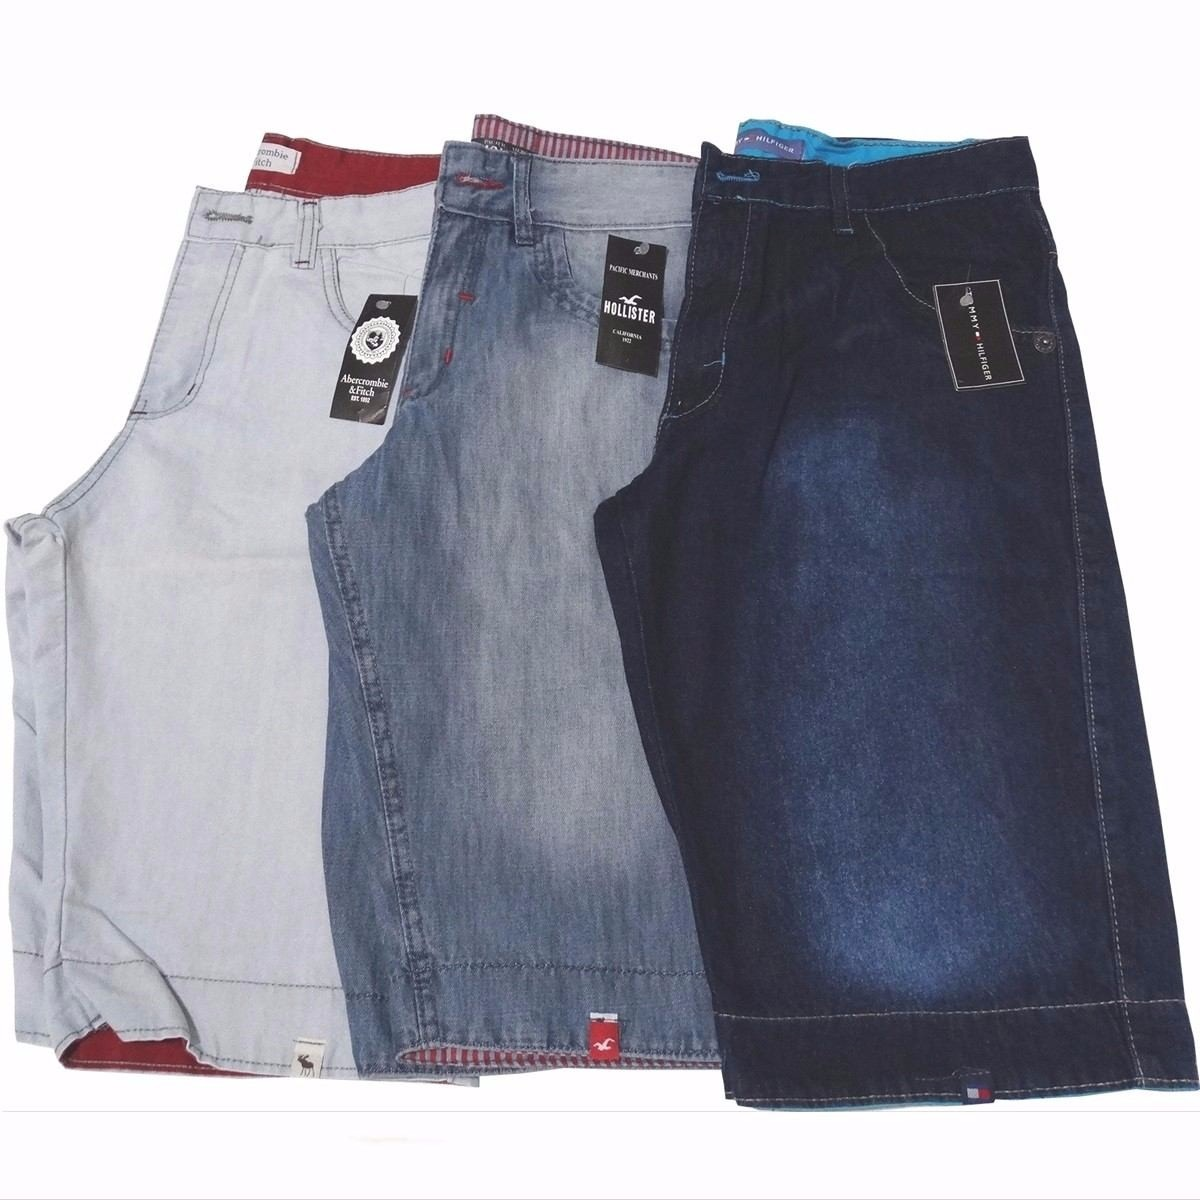 Kit 3 Bermudas Jeans Masculino Varios Modelos Preu00e7o ...